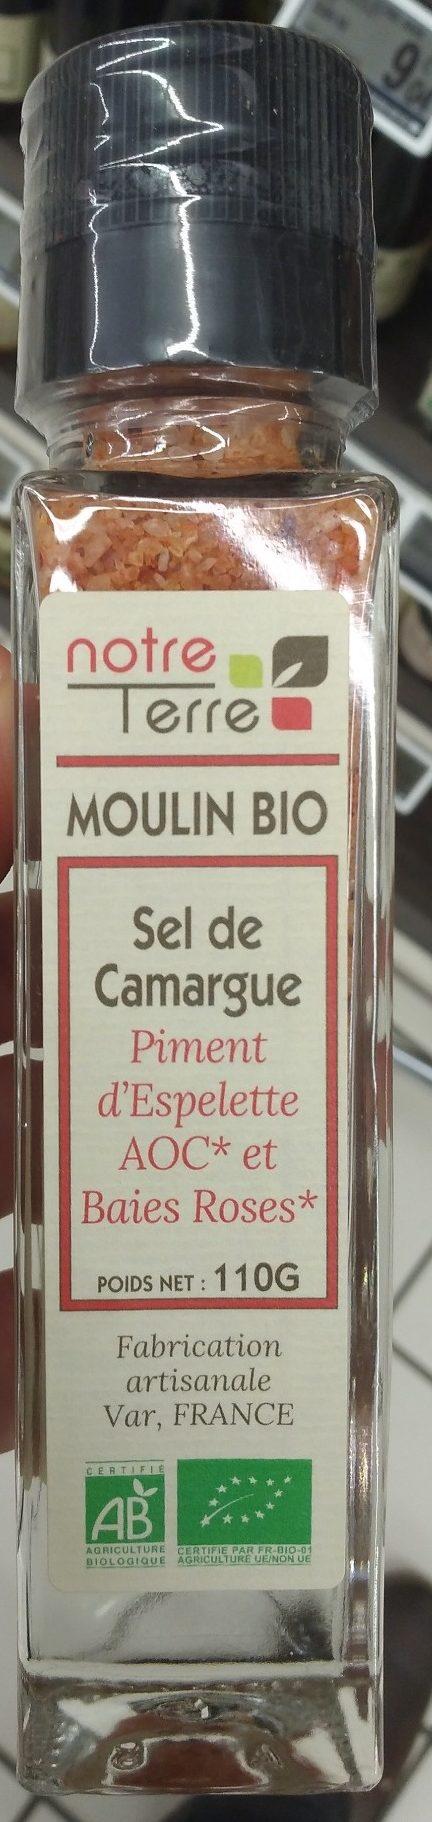 sel de Camargue piment d'espelette AOC et baies roses - Product - fr